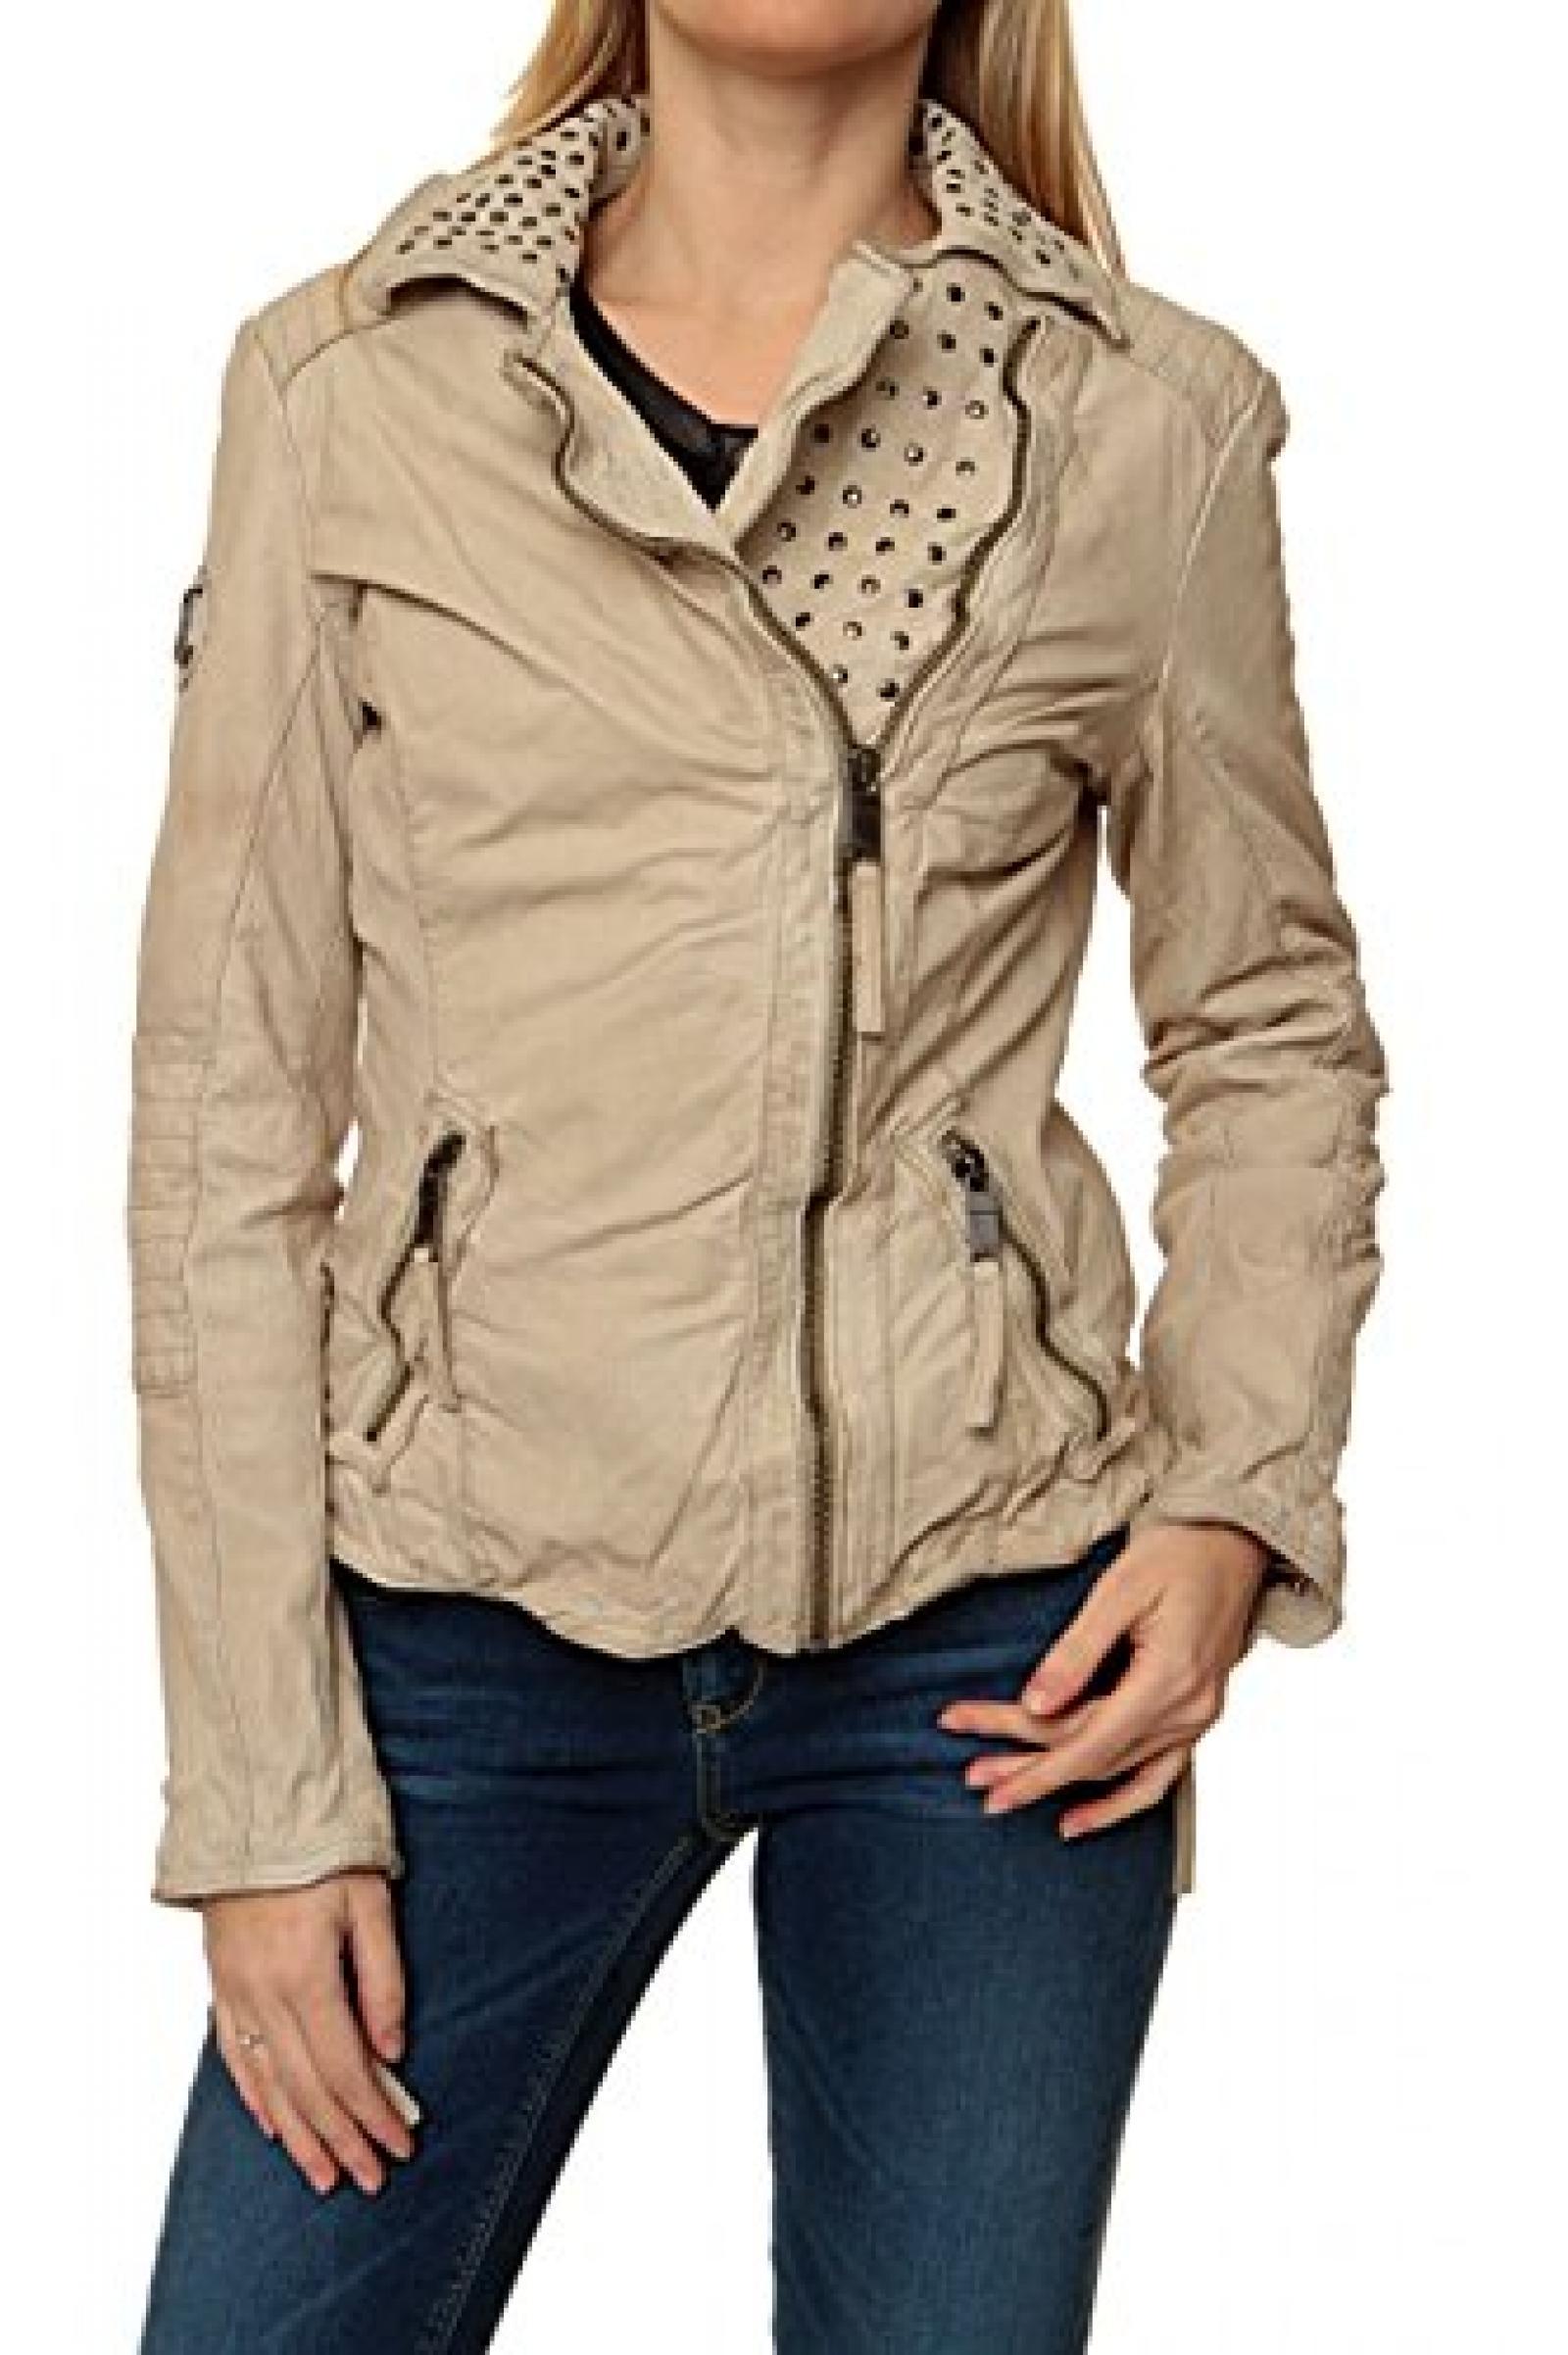 Maze Damen Jacke Lederjacke , Farbe: Beige